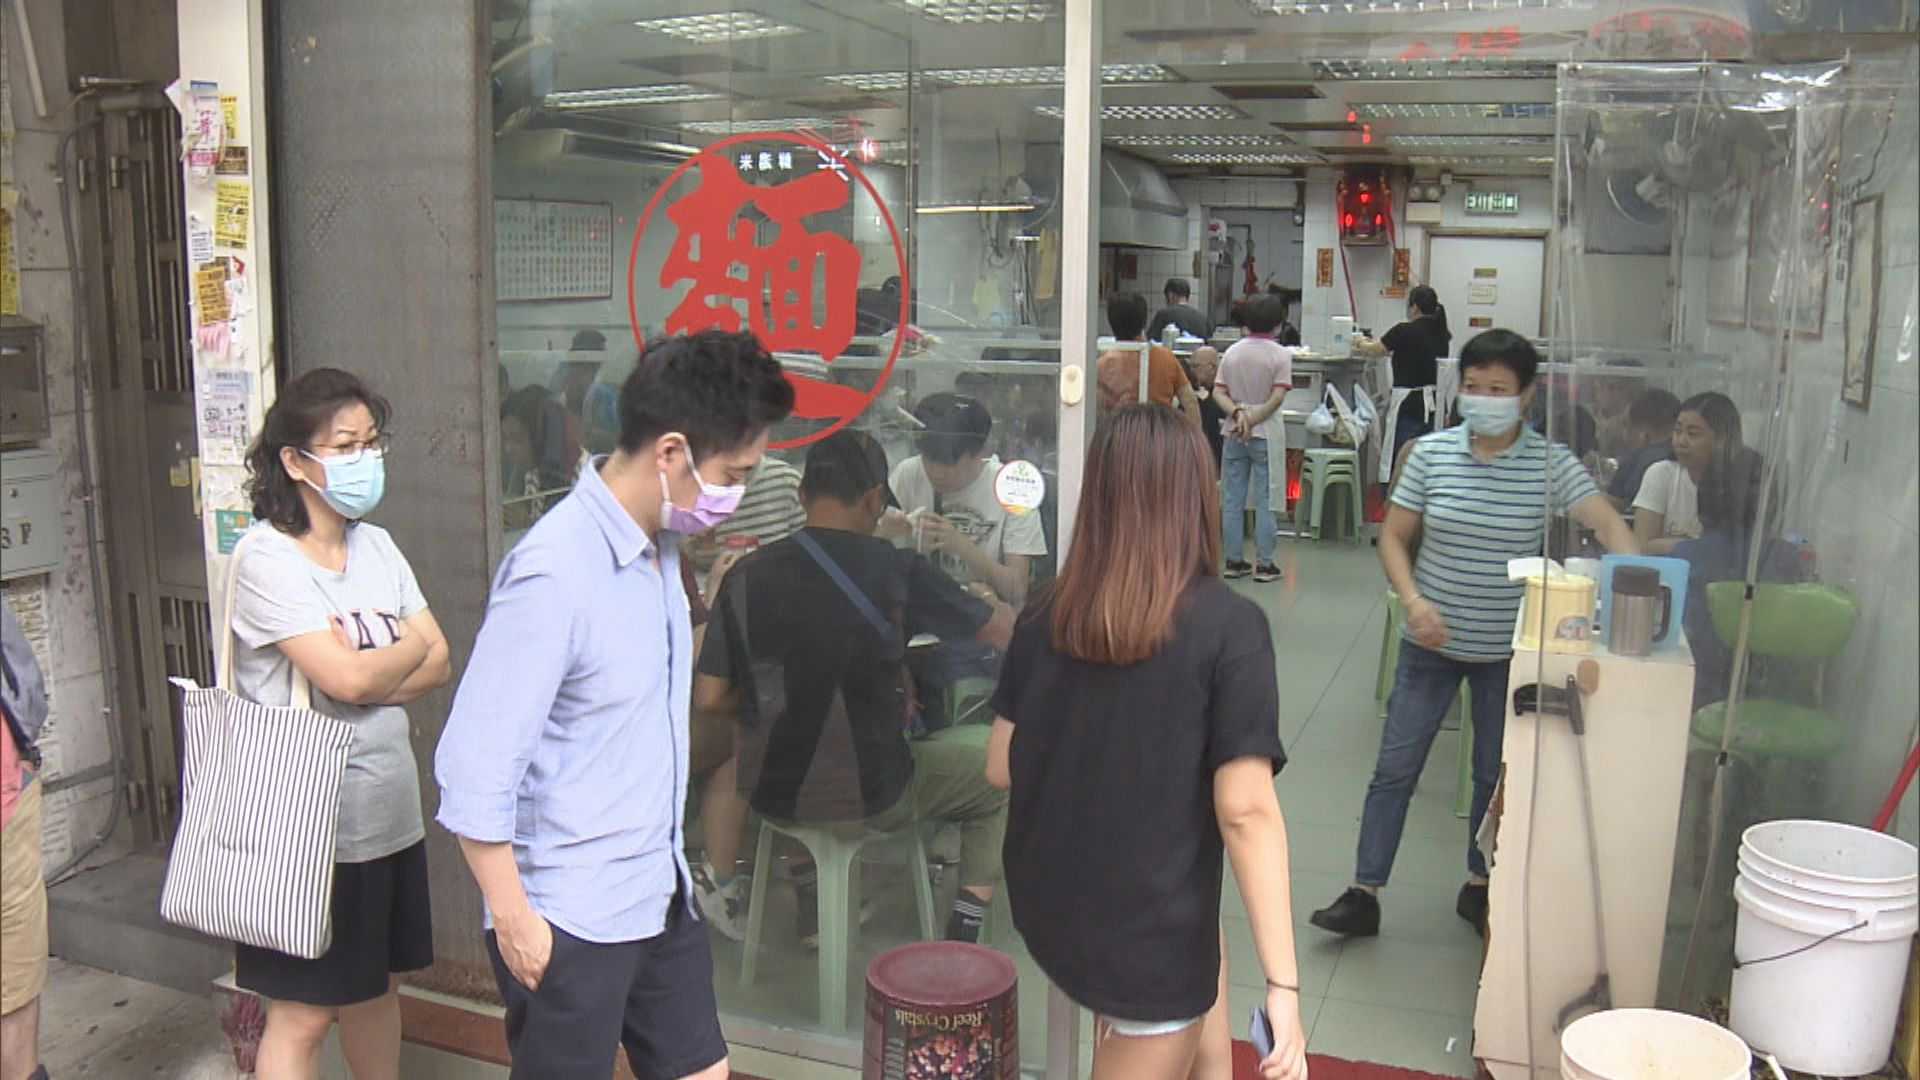 食肆等處所內違反限聚令 顧客都會被票控